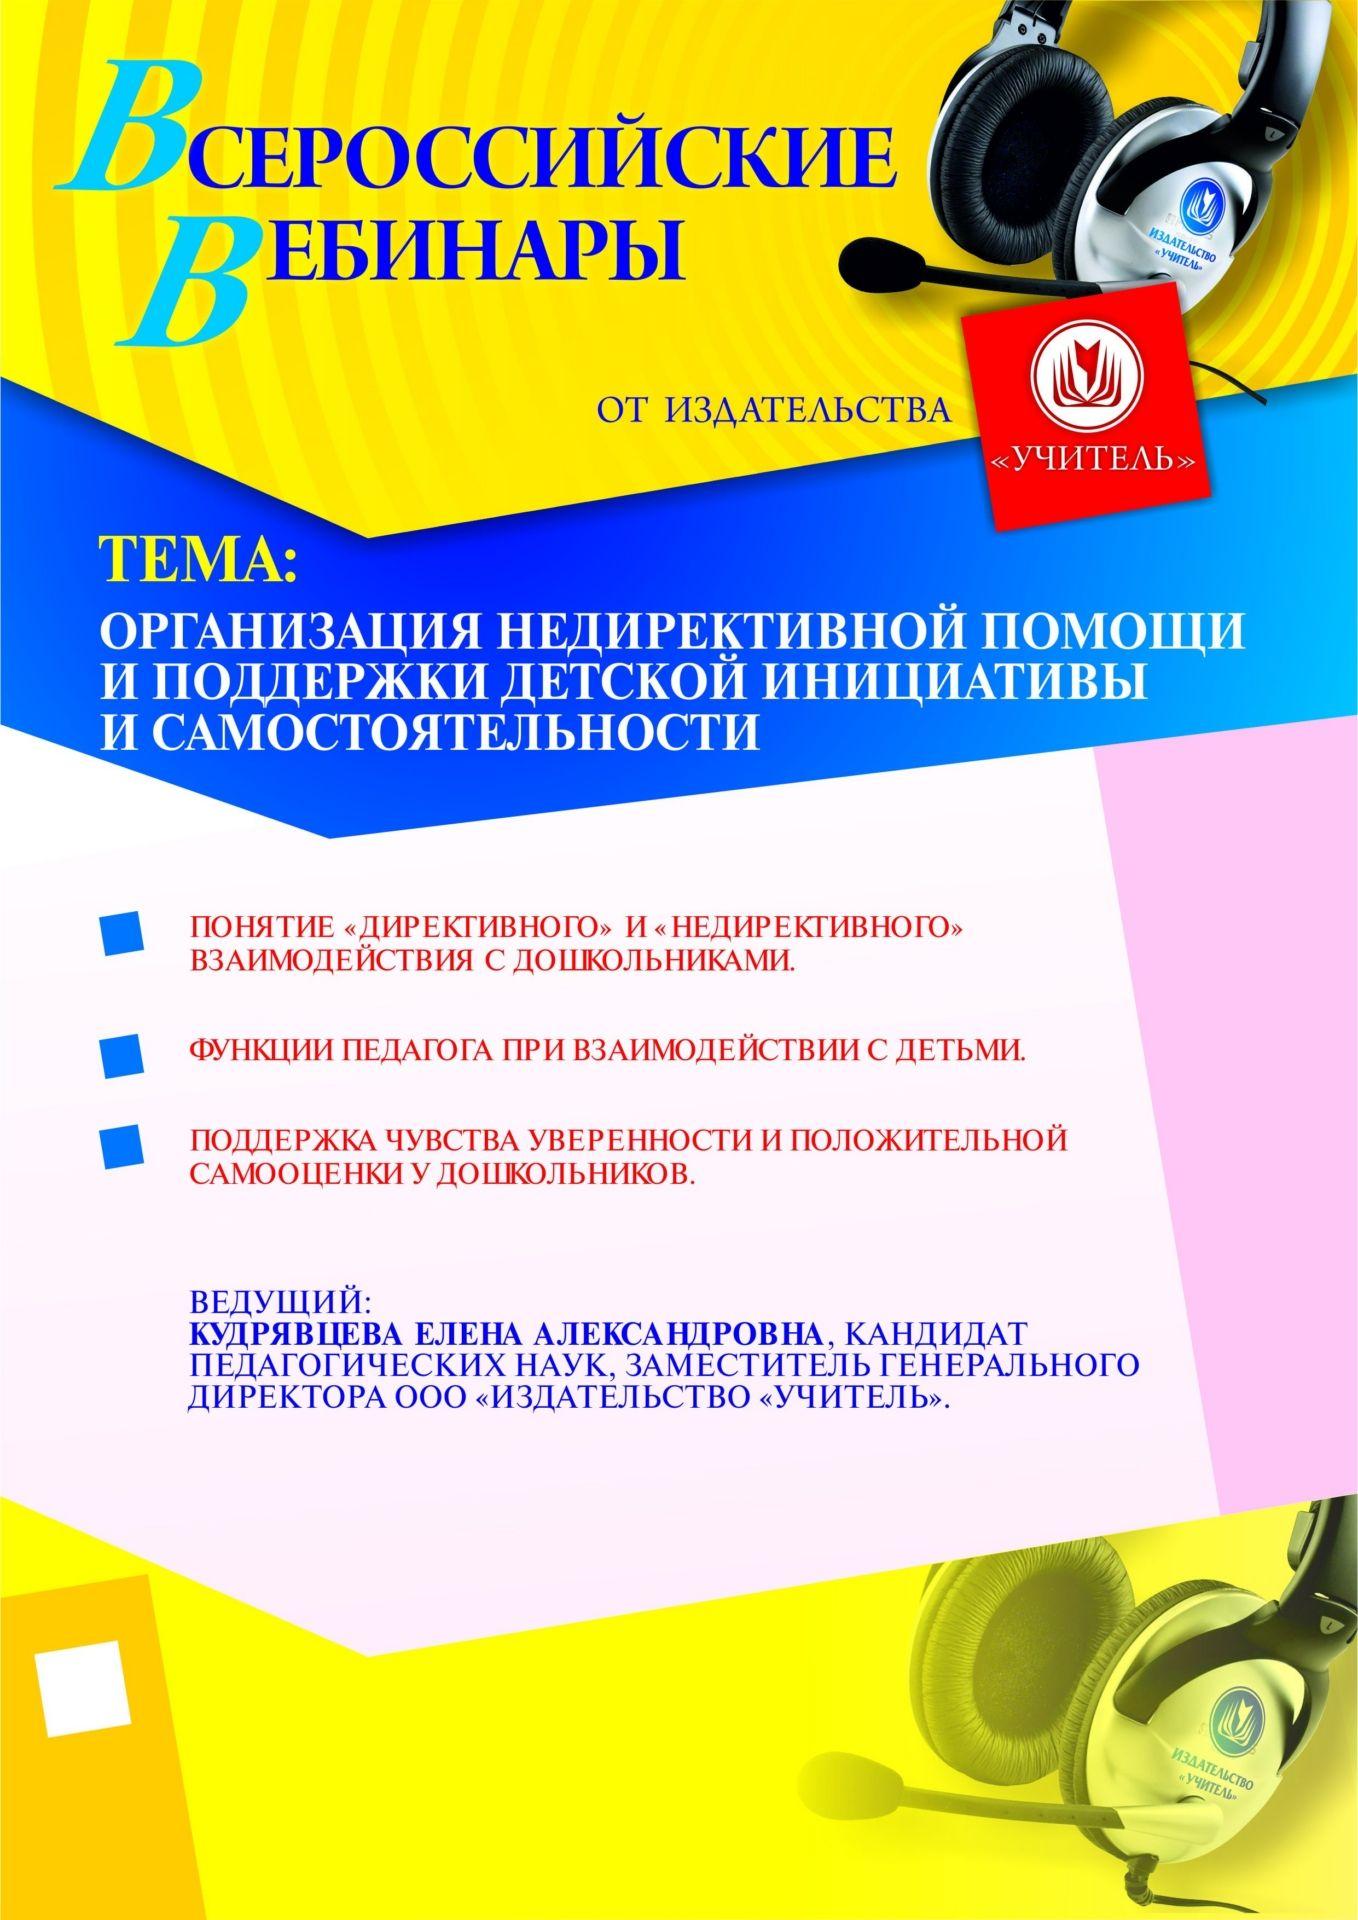 Организация недирективной помощи и поддержки детской инициативы и самостоятельности фото